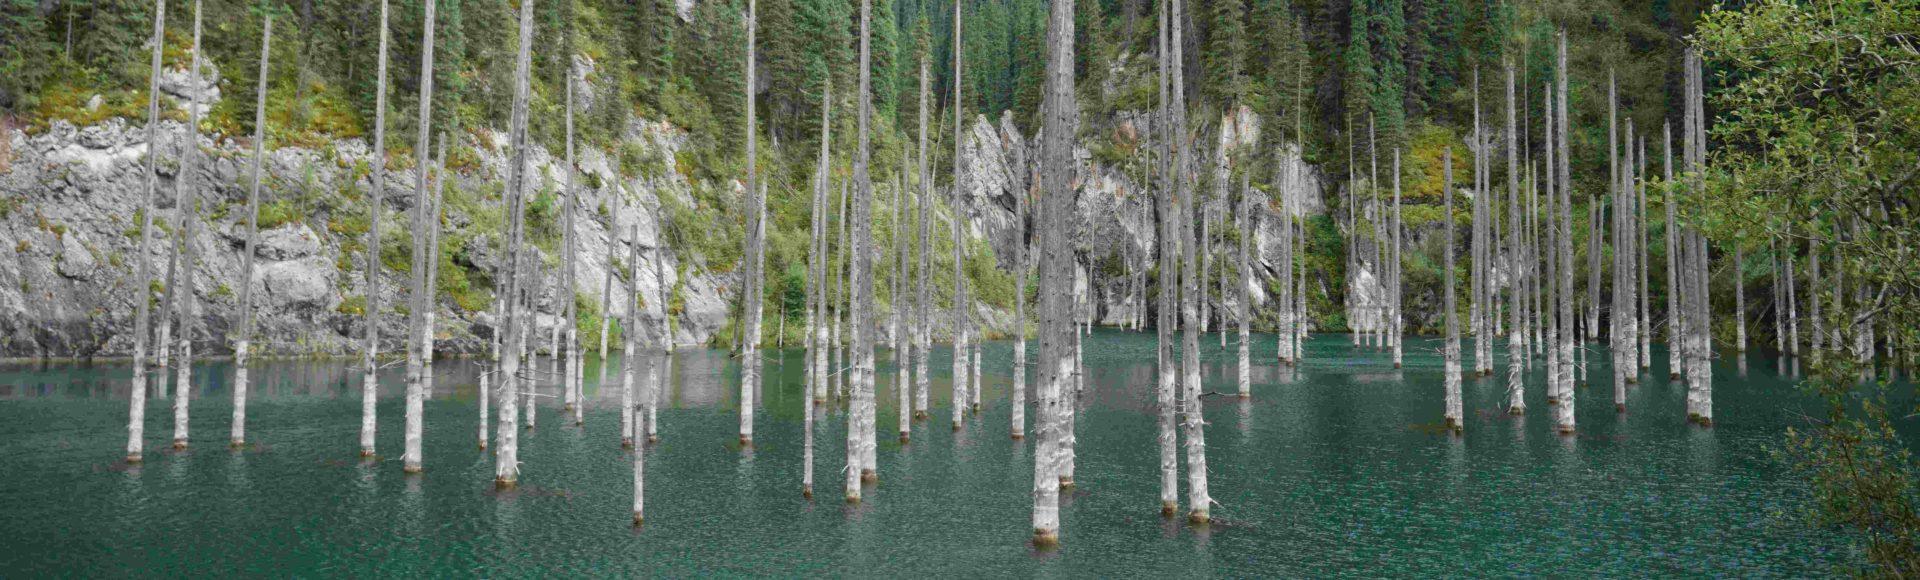 Dyżurny landszaft Kazachstanu czyli jezioro Kaindy   озеро Каинды